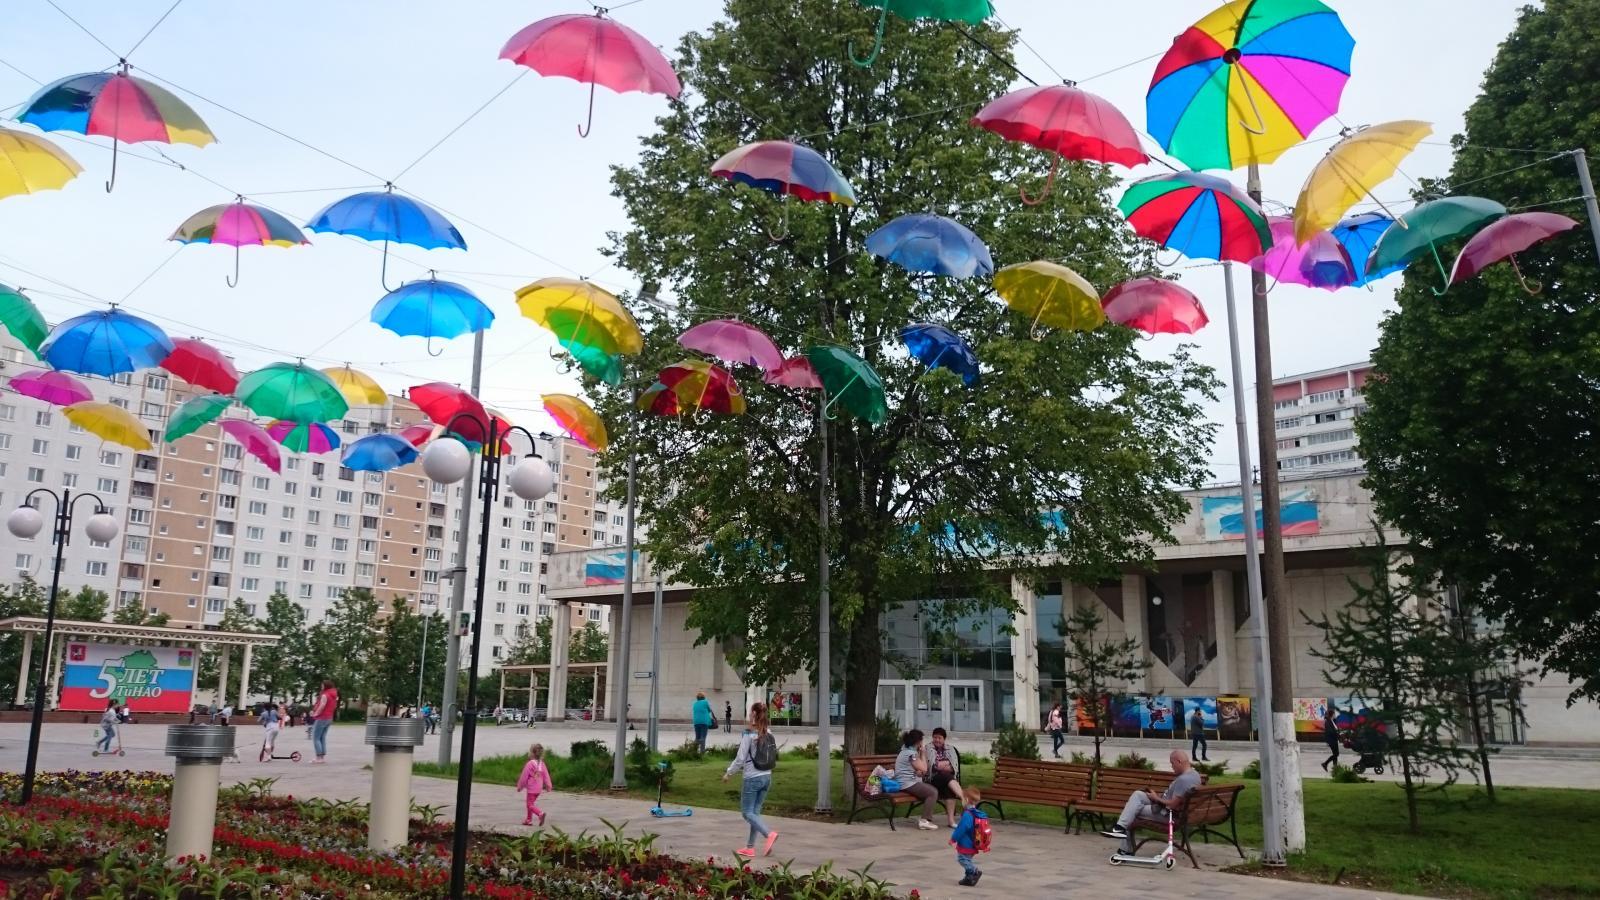 Разноцветные зонтики для поднятия настроения жителей этим дождливым летом